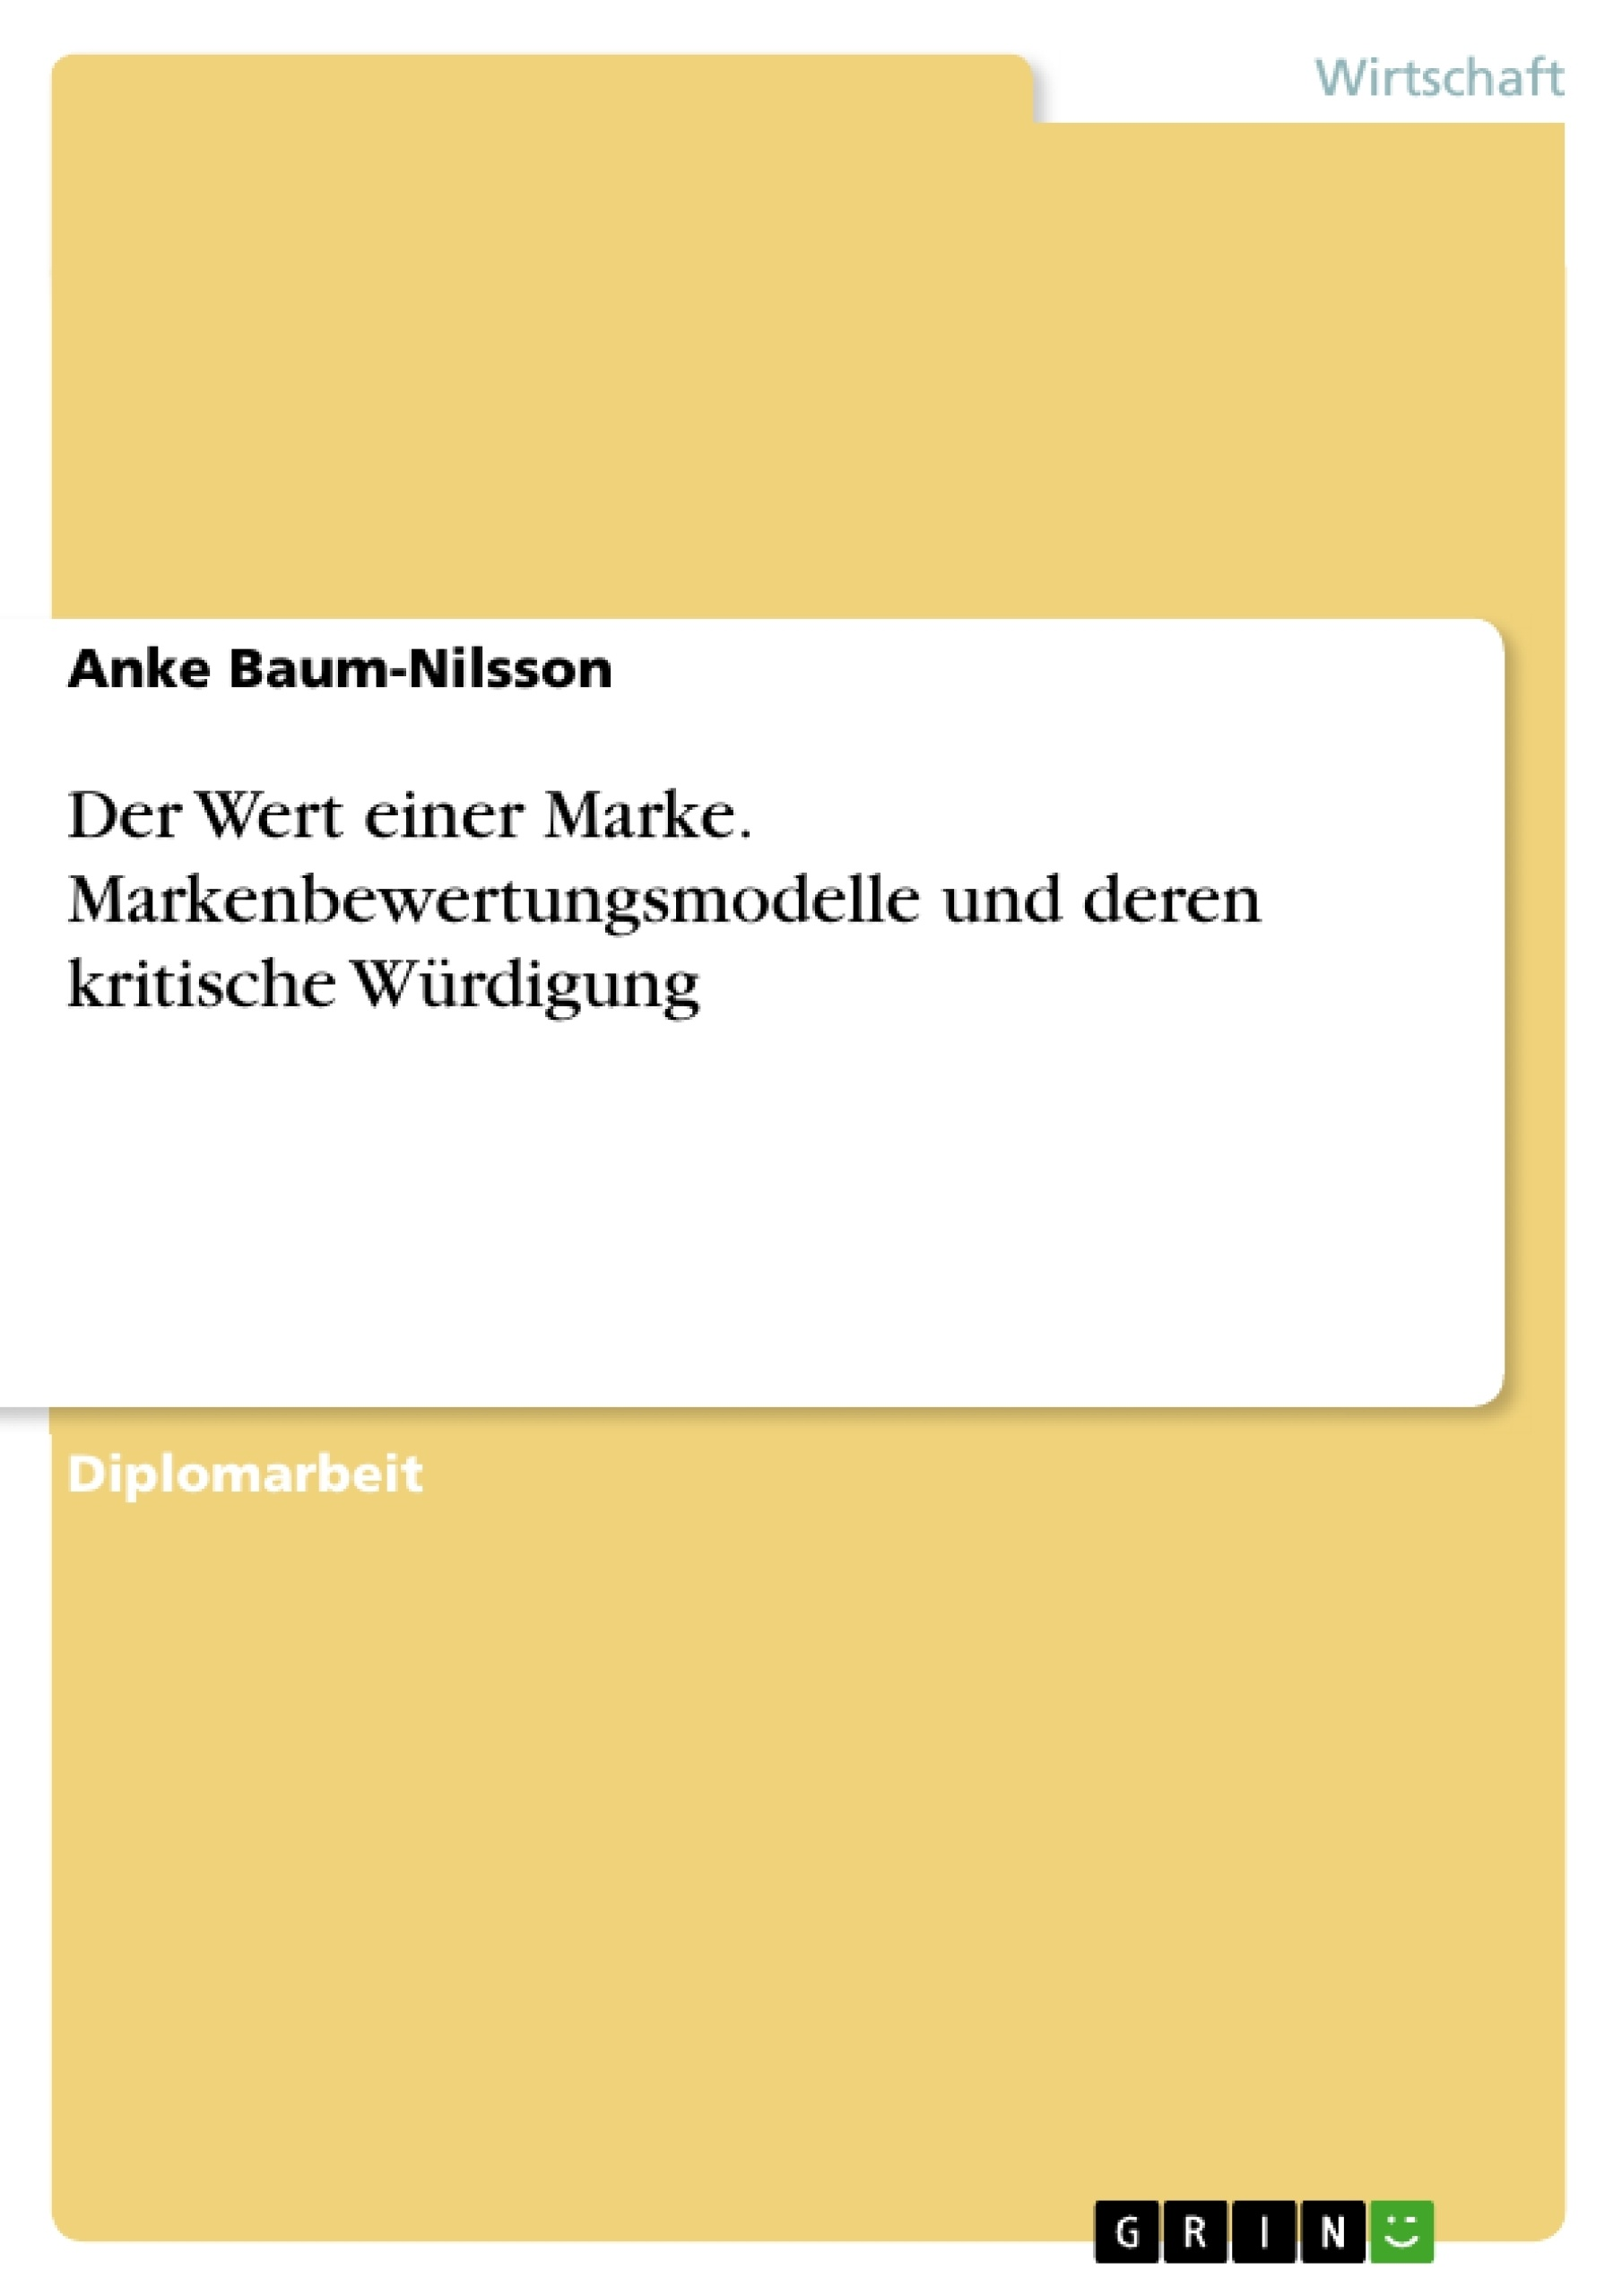 Titel: Der Wert einer Marke. Markenbewertungsmodelle und deren kritische Würdigung